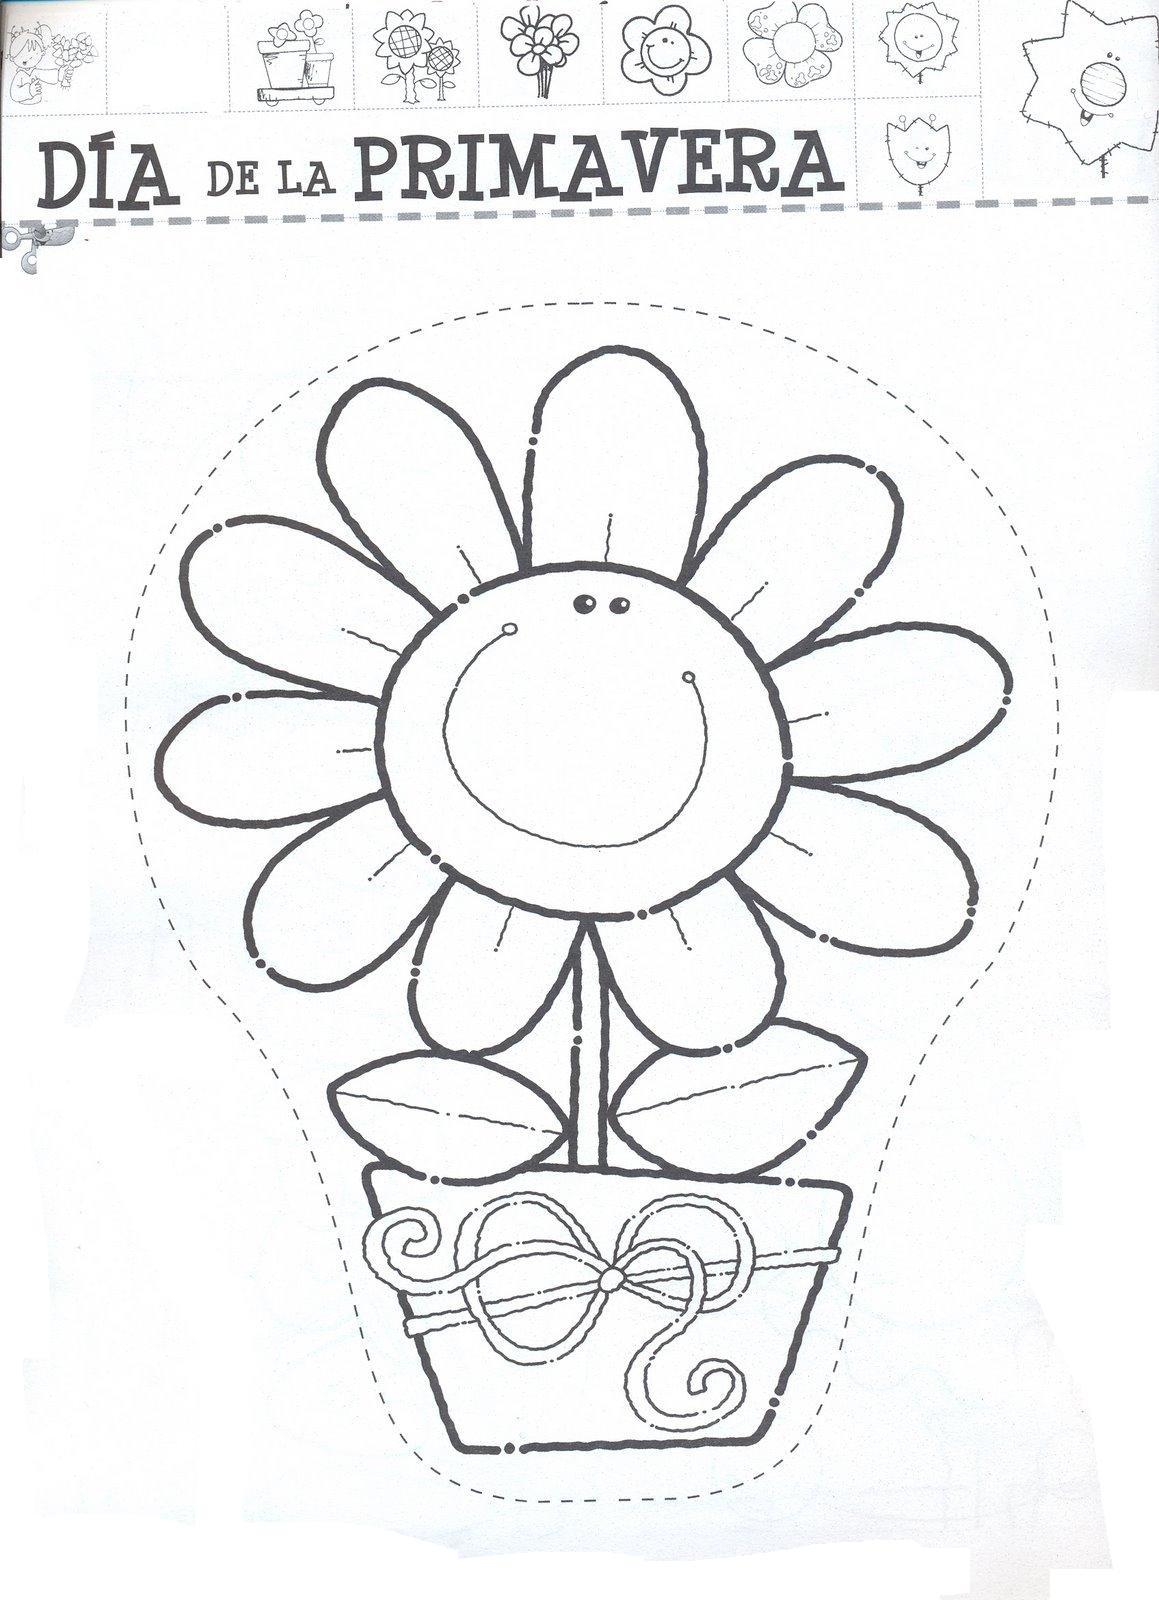 El rincon de la infancia: Día de la primavera dibujos para pintar